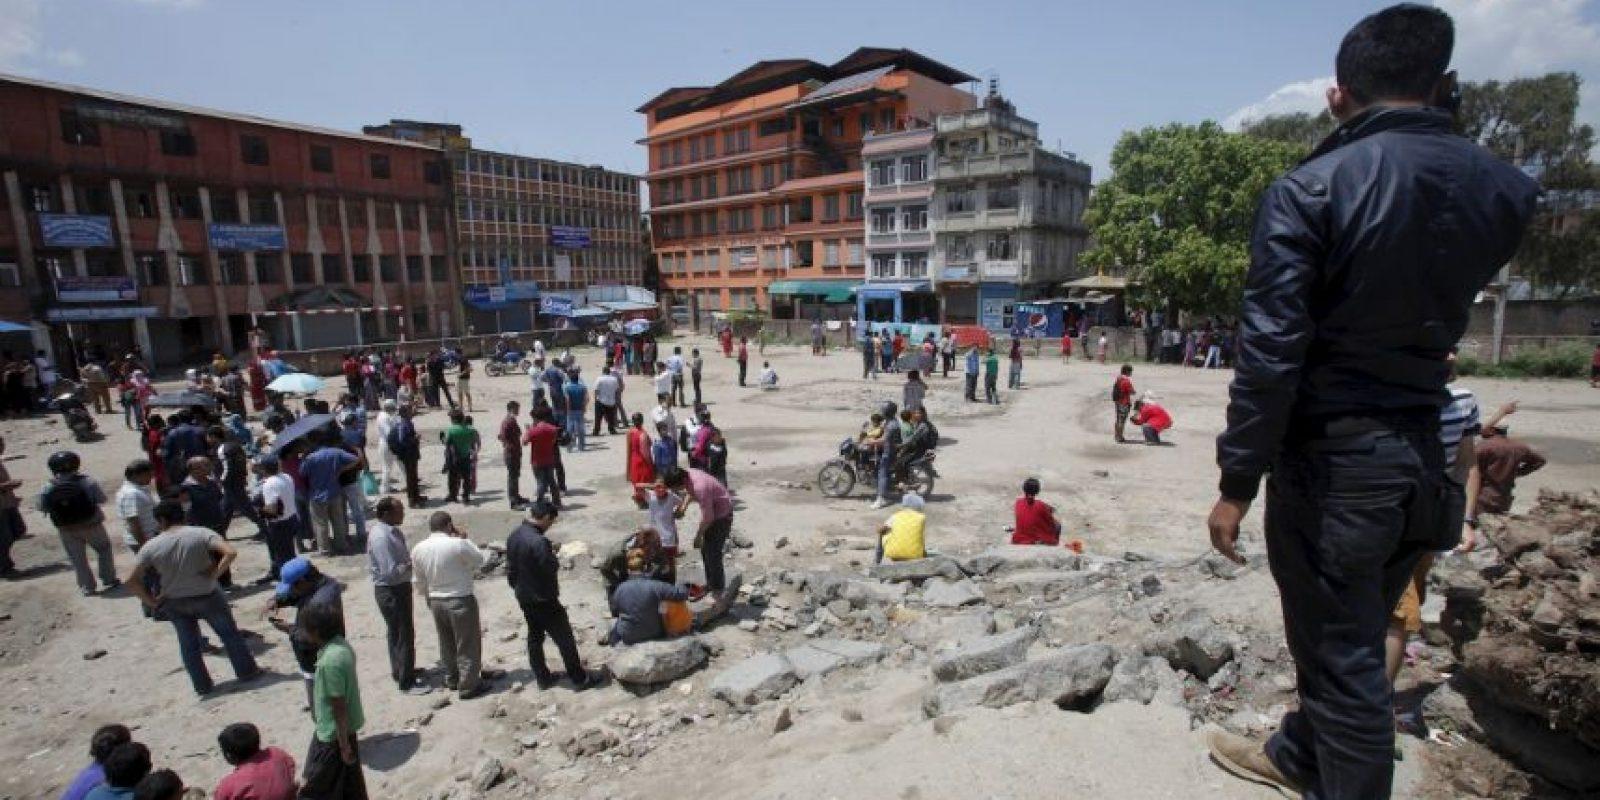 2. Nepal es vulnerable a los altos precios de los alimentos, especialmente en las zonas montañosas remotas, lo que desencadena el hambre. Los precios promedio de los alimentos en las regiones de montañas y colinas son 100% más altos que en otros lugares. Foto:AP